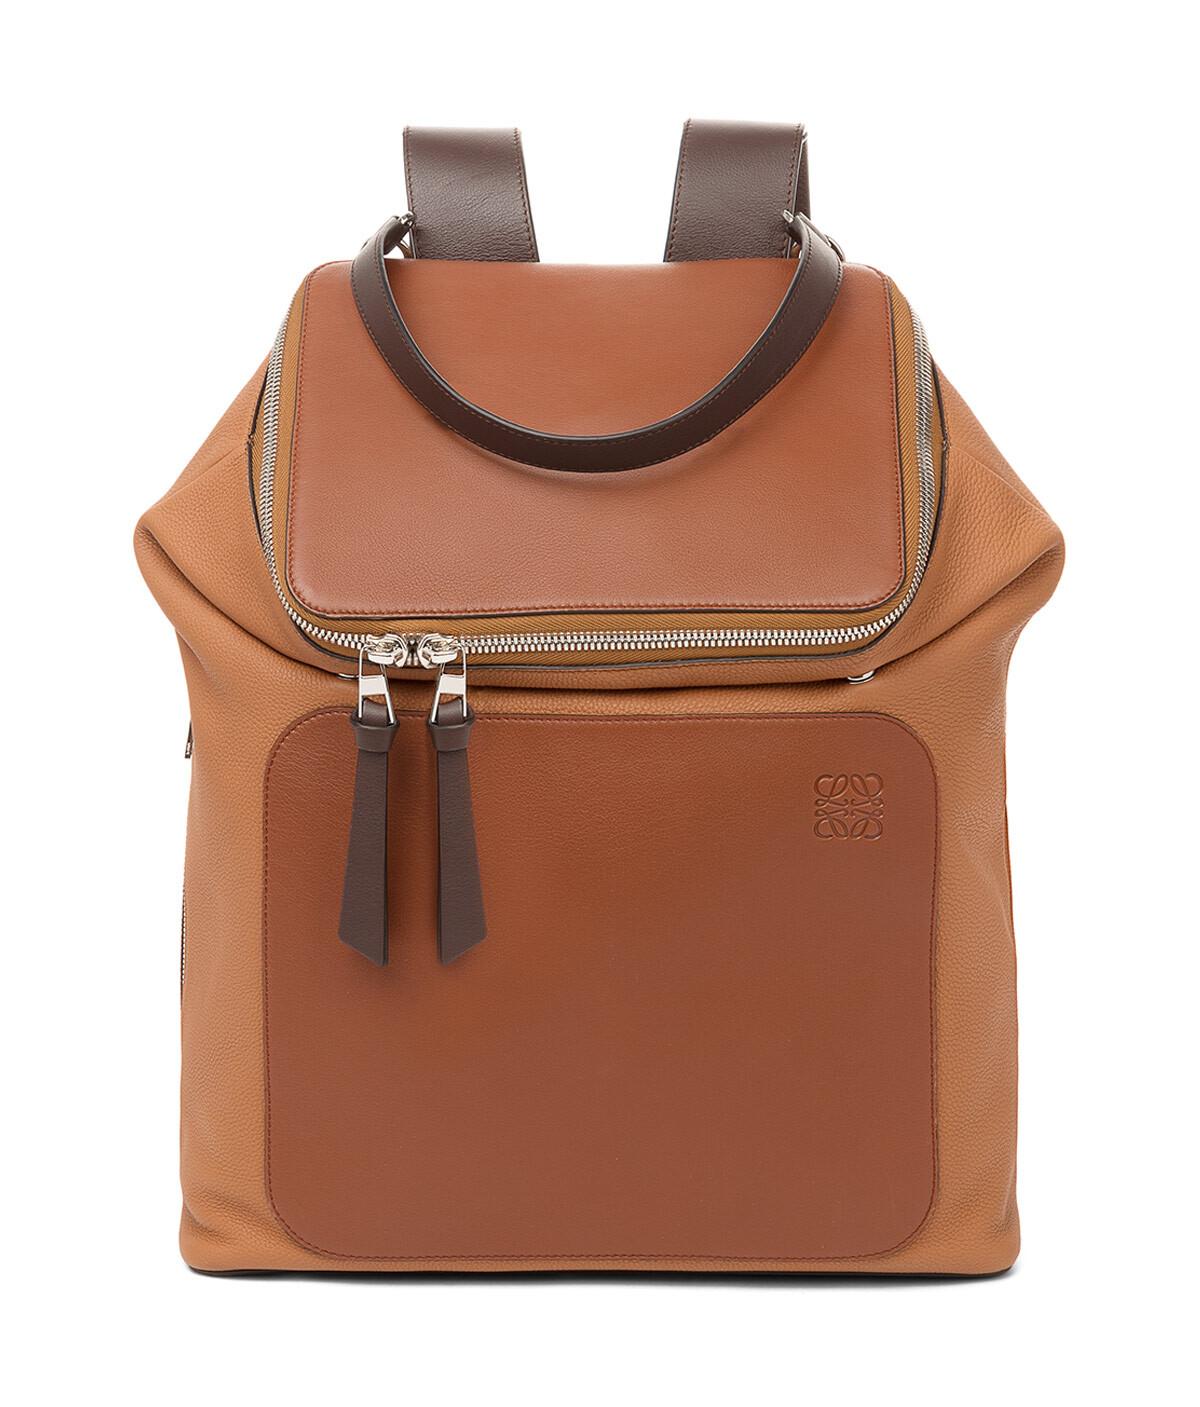 LOEWE Goya Backpack Cognac/Tan front